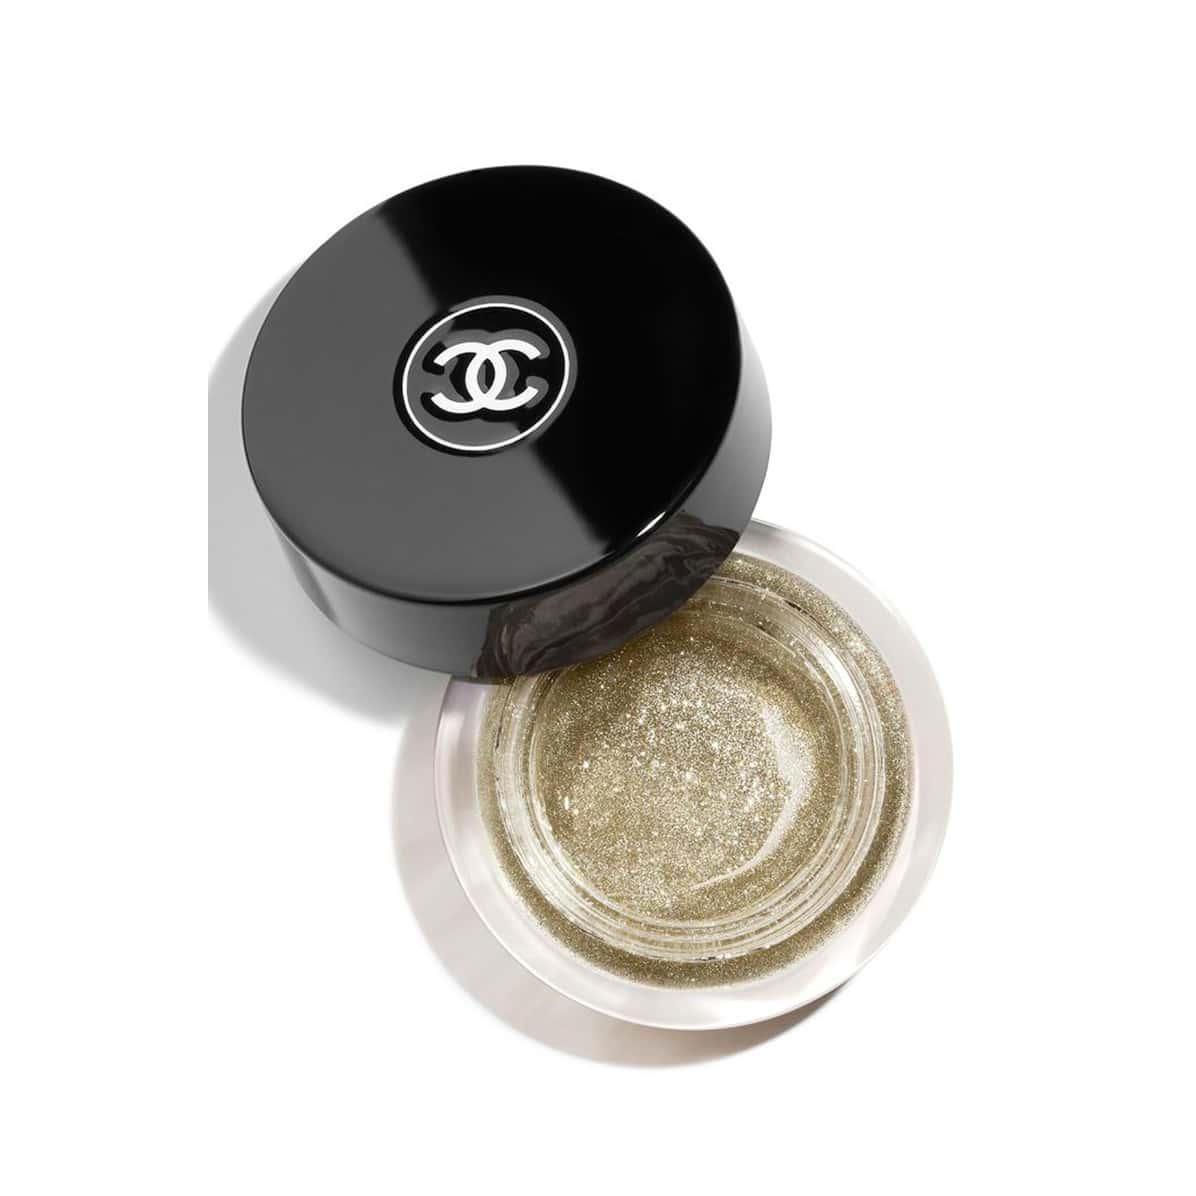 Chanel Le Gel Paillete Transparent Shimmering Gel